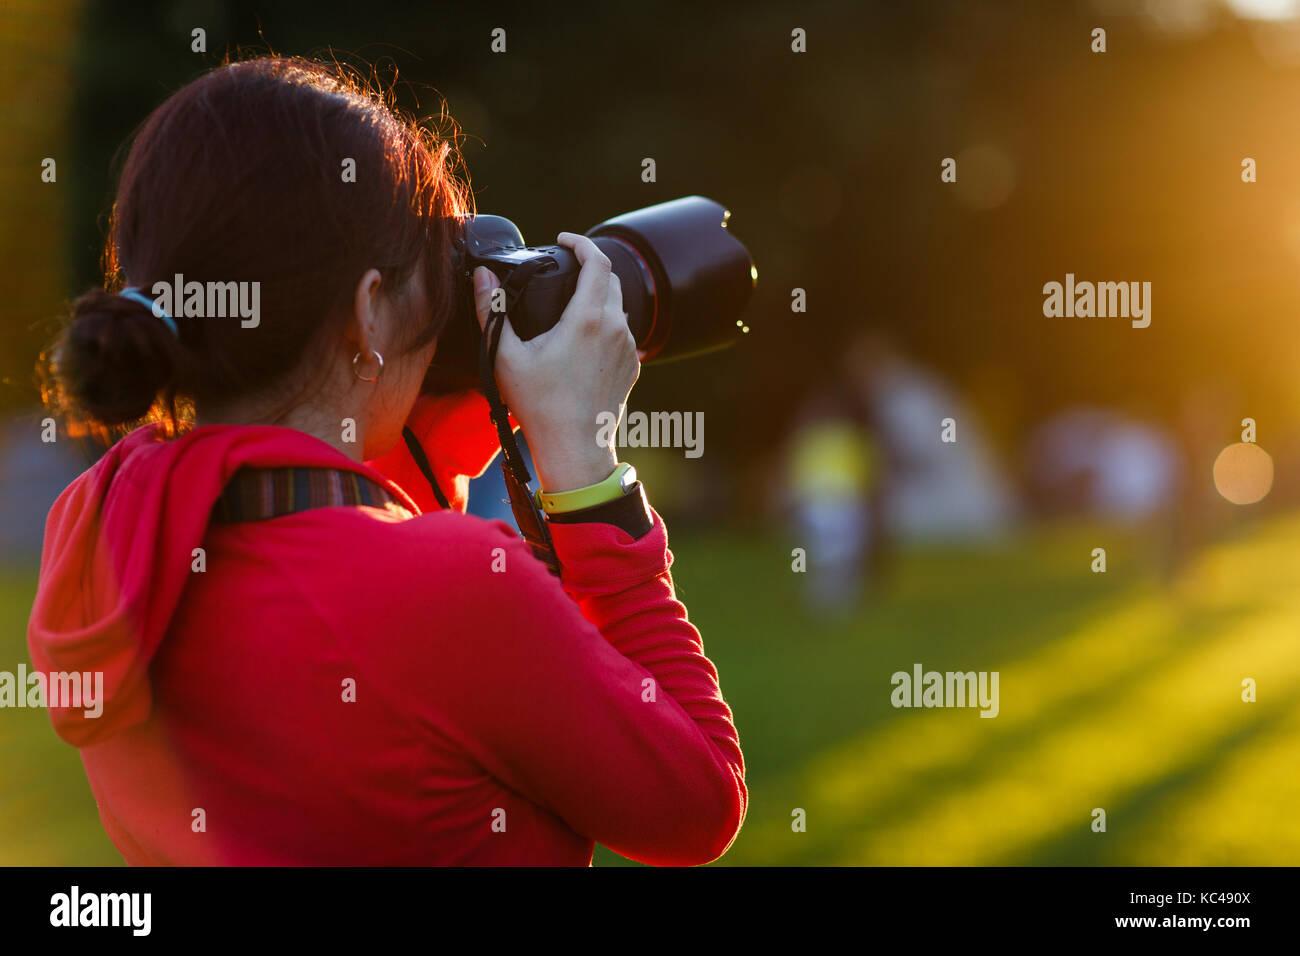 Photo de brunette avec caméra Photo Stock